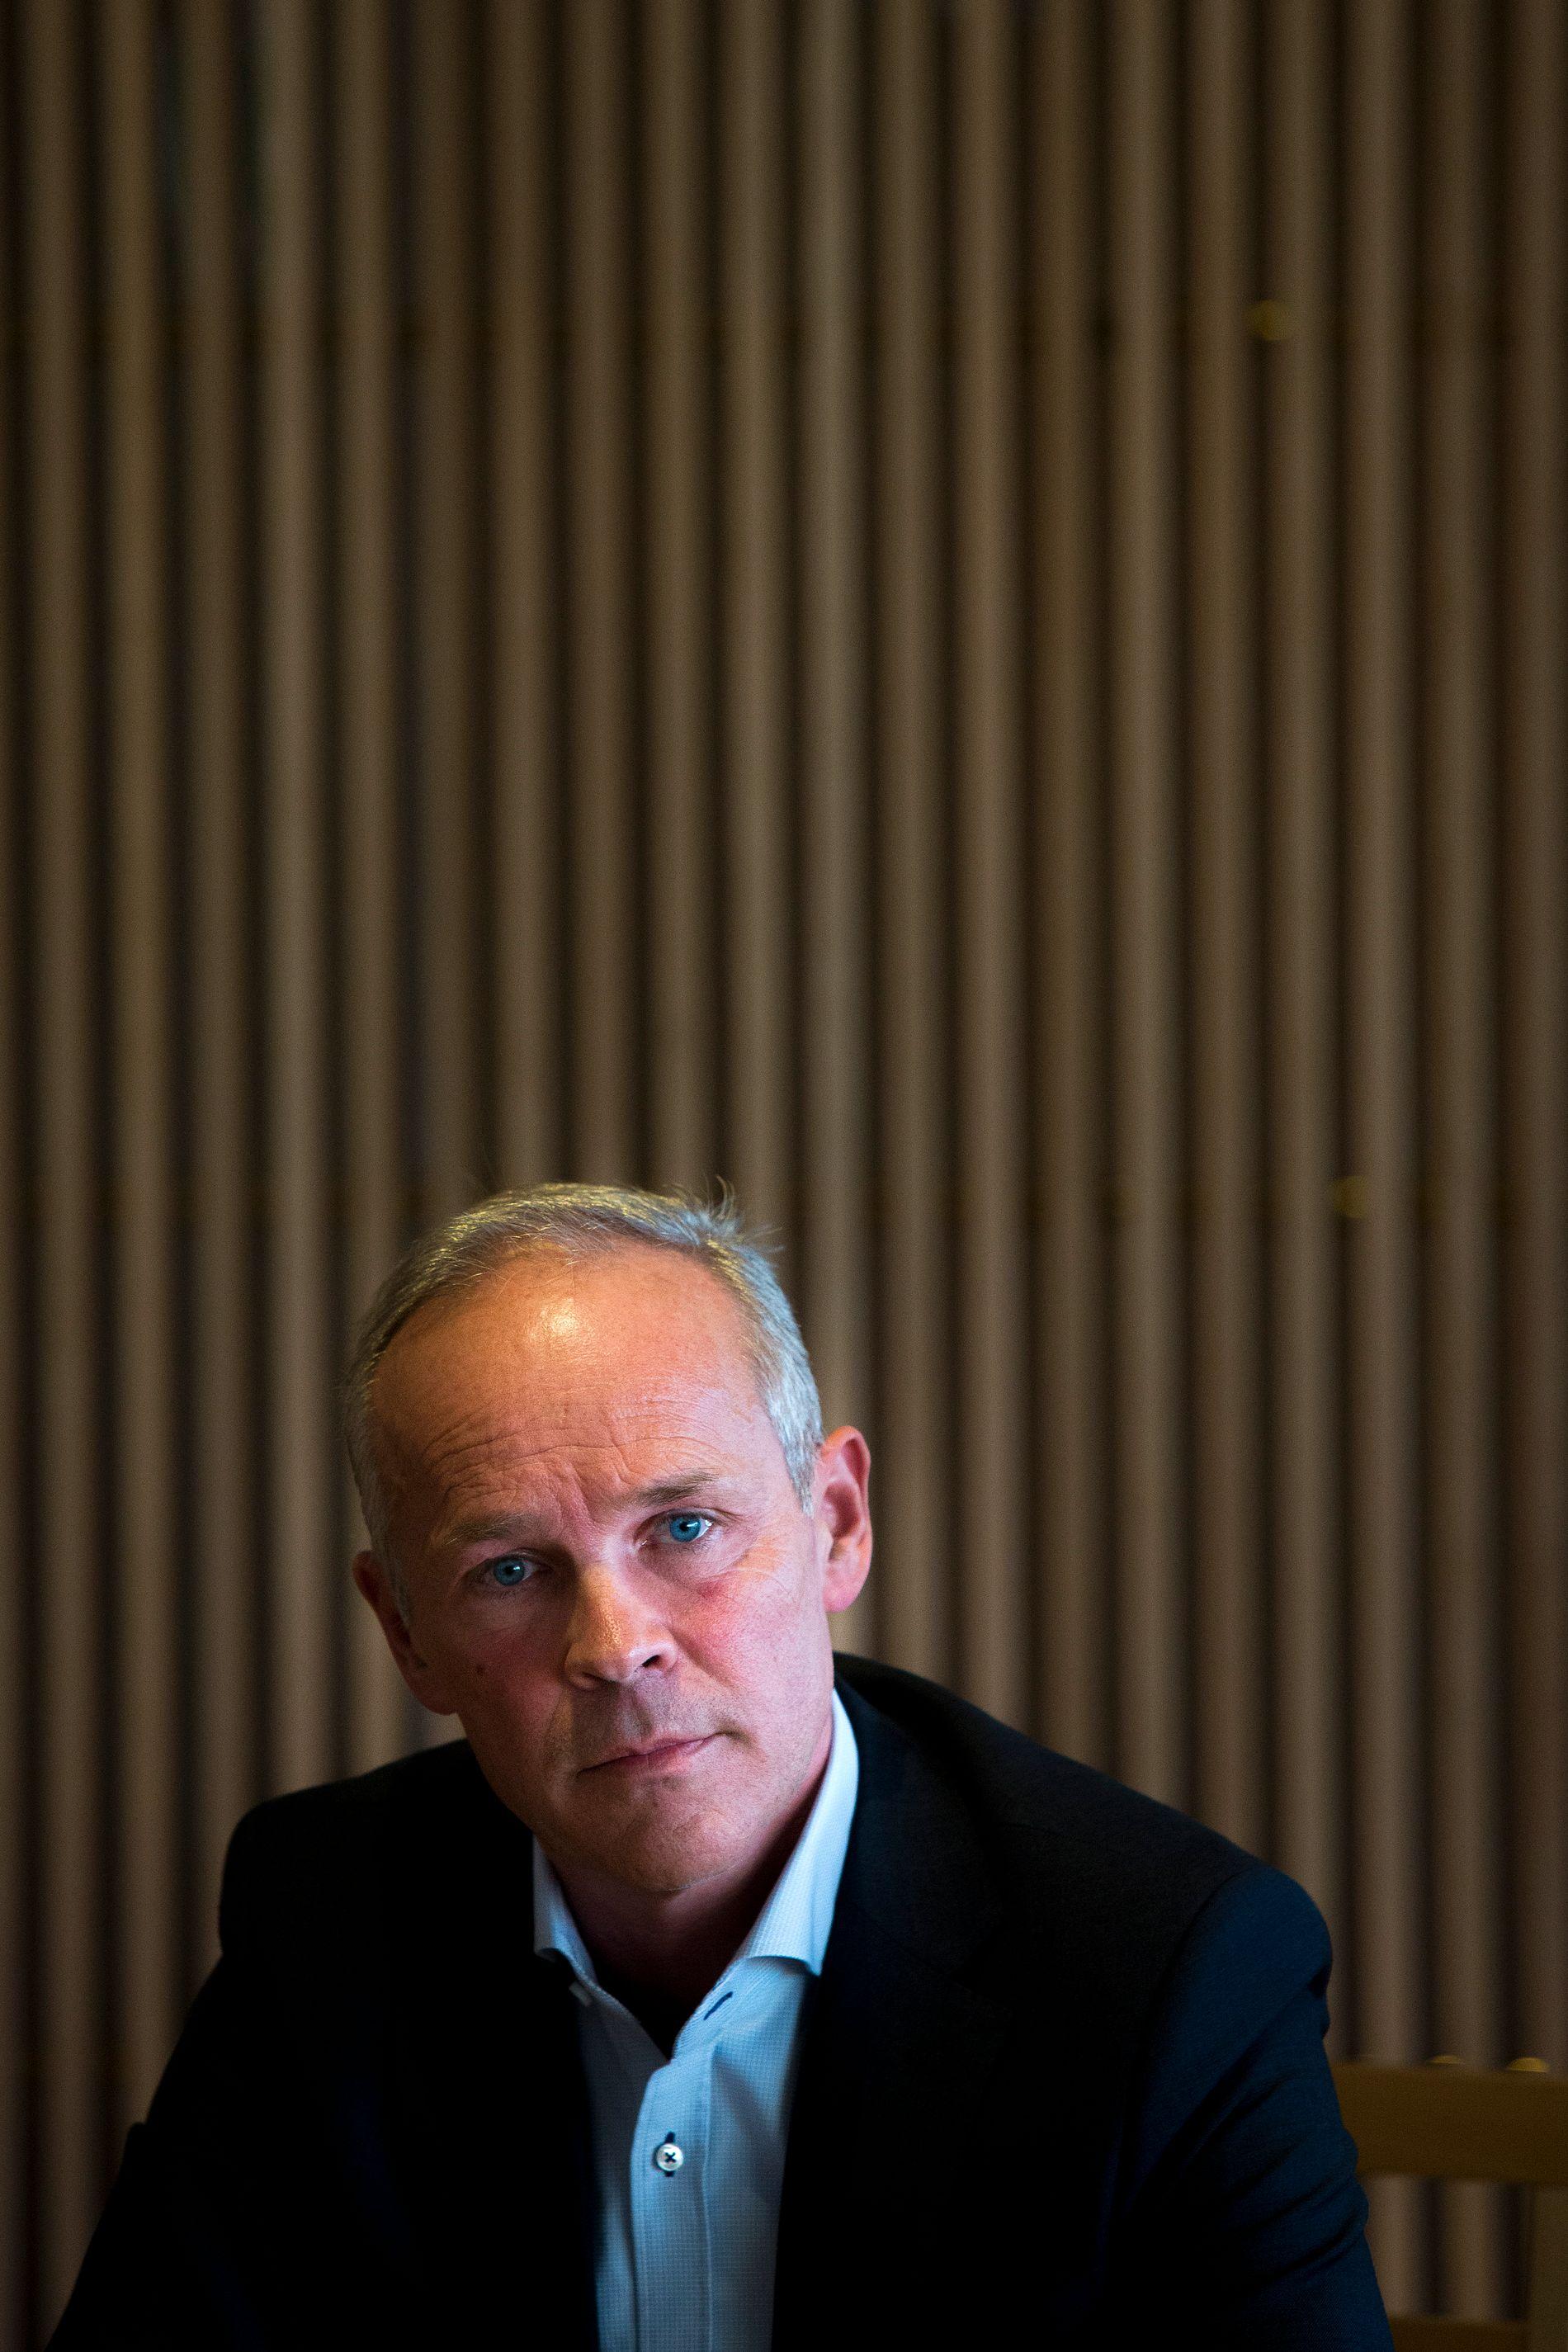 KOMMUNE: Folkeavstemninger har en viktig funksjon i det norske demokratiet, men bare om de brukes med omhu og med respekt for velgeren, mener BT. Her er kommunalminister Jan Tore Sanner.